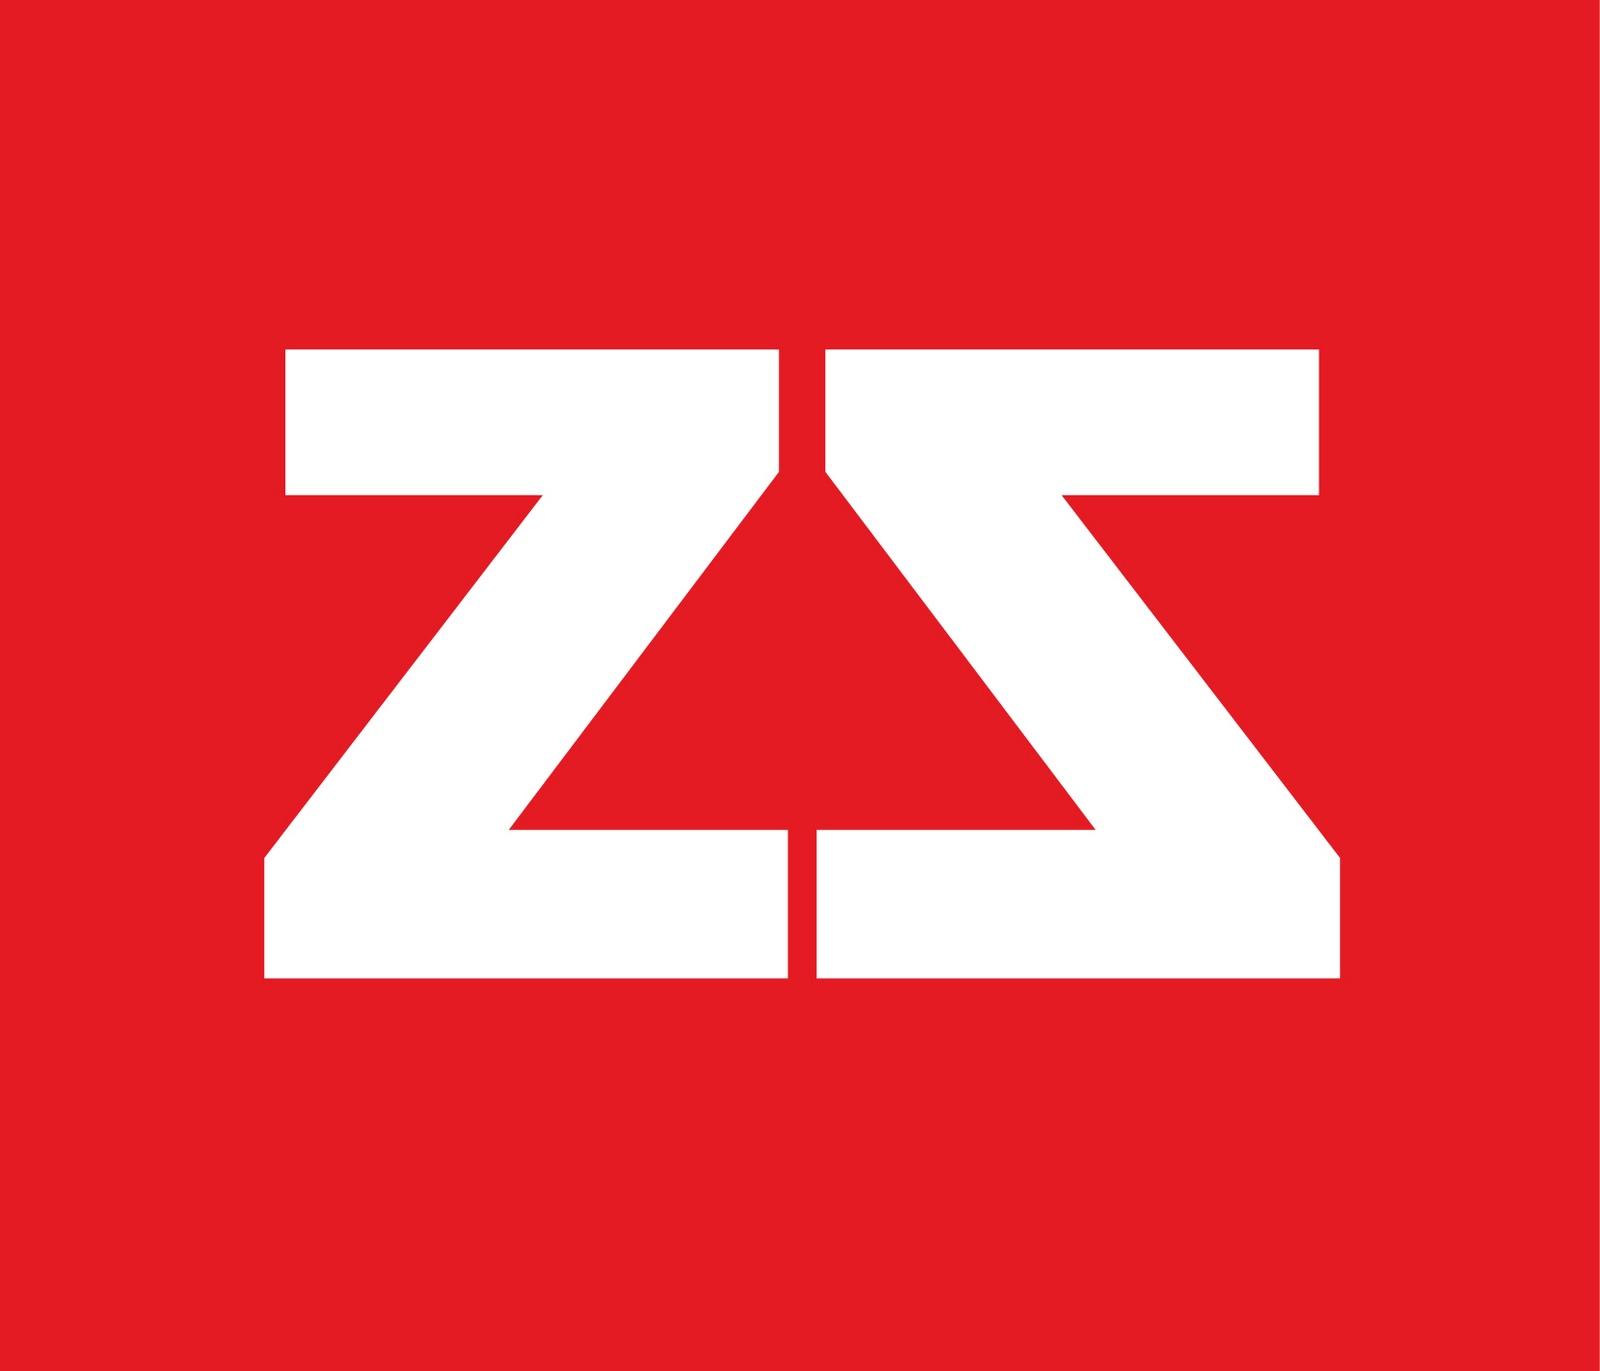 Logo qu zz fran ais websites  logosquiz, Jeuxvideomobile l'actualité